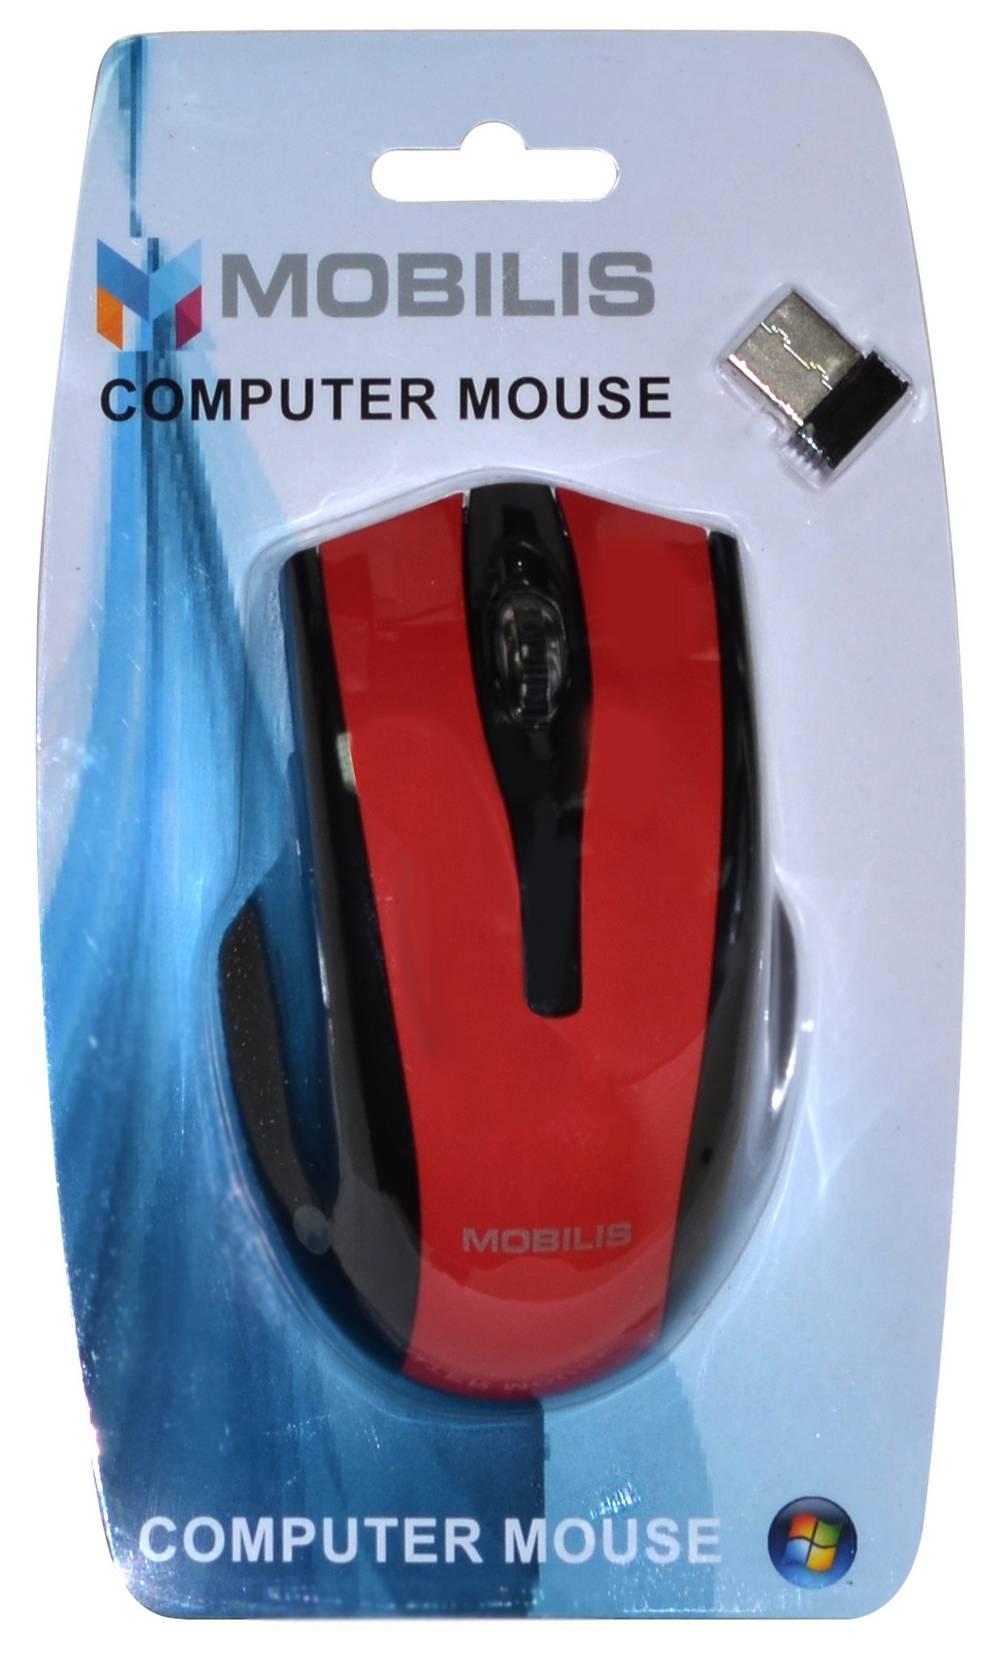 Ασύρματο Ποντίκι Mobilis MM-126 6 Πλήκτρων 1600 DPI Μαύρο - Κόκκινο (108*70*38mm)